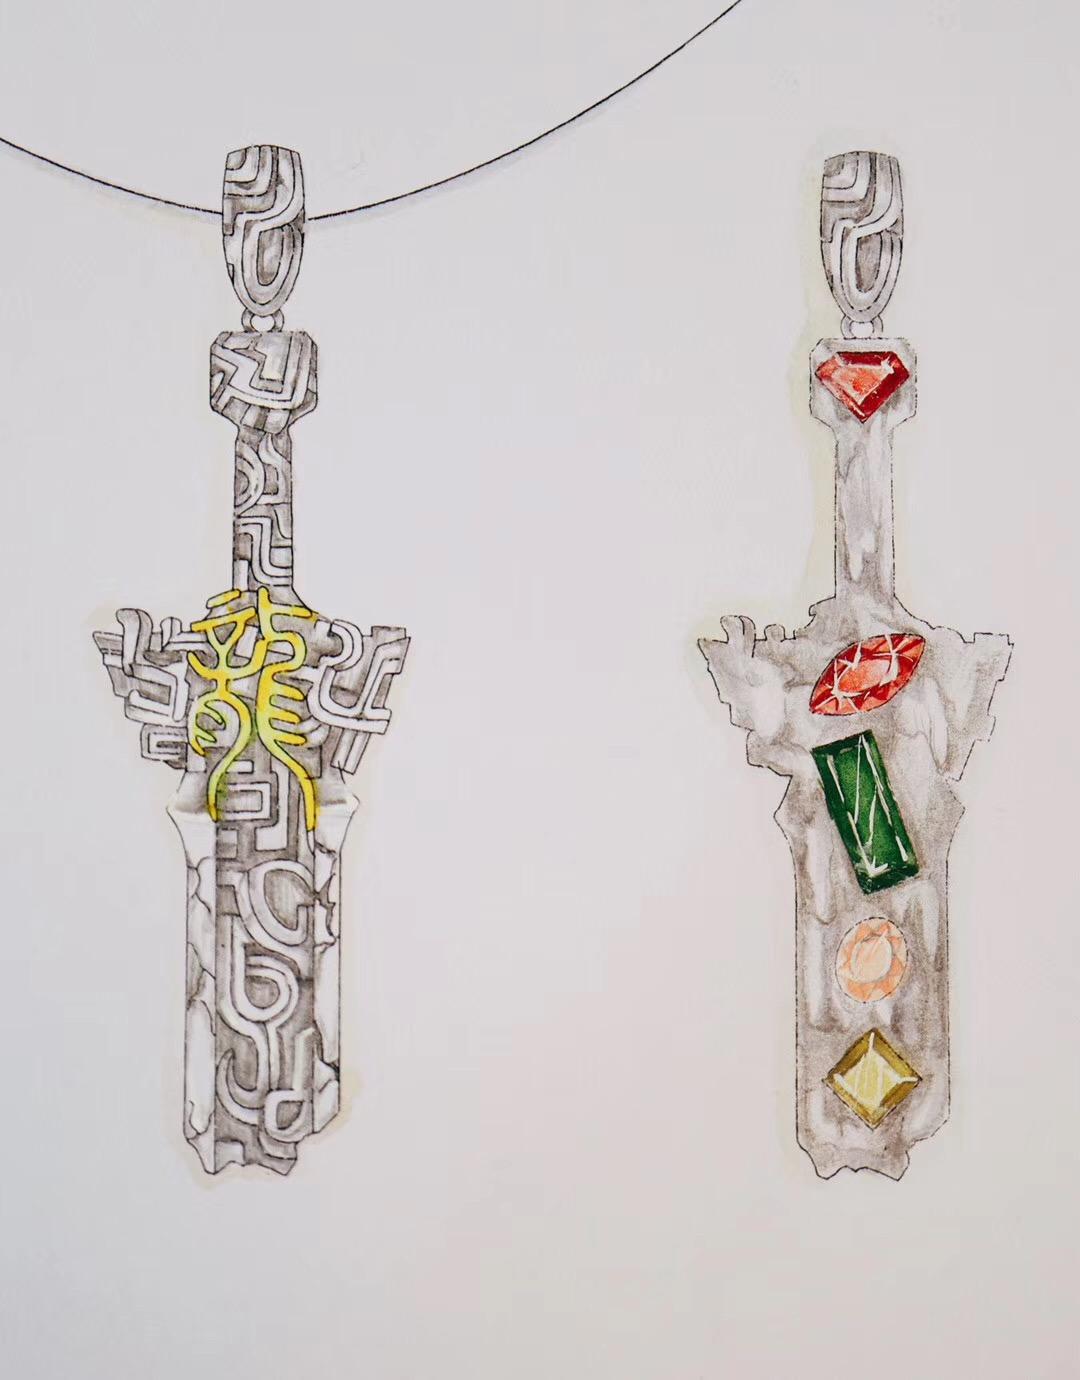 【碧玺】 此剑名为:断念-菩心晶舍